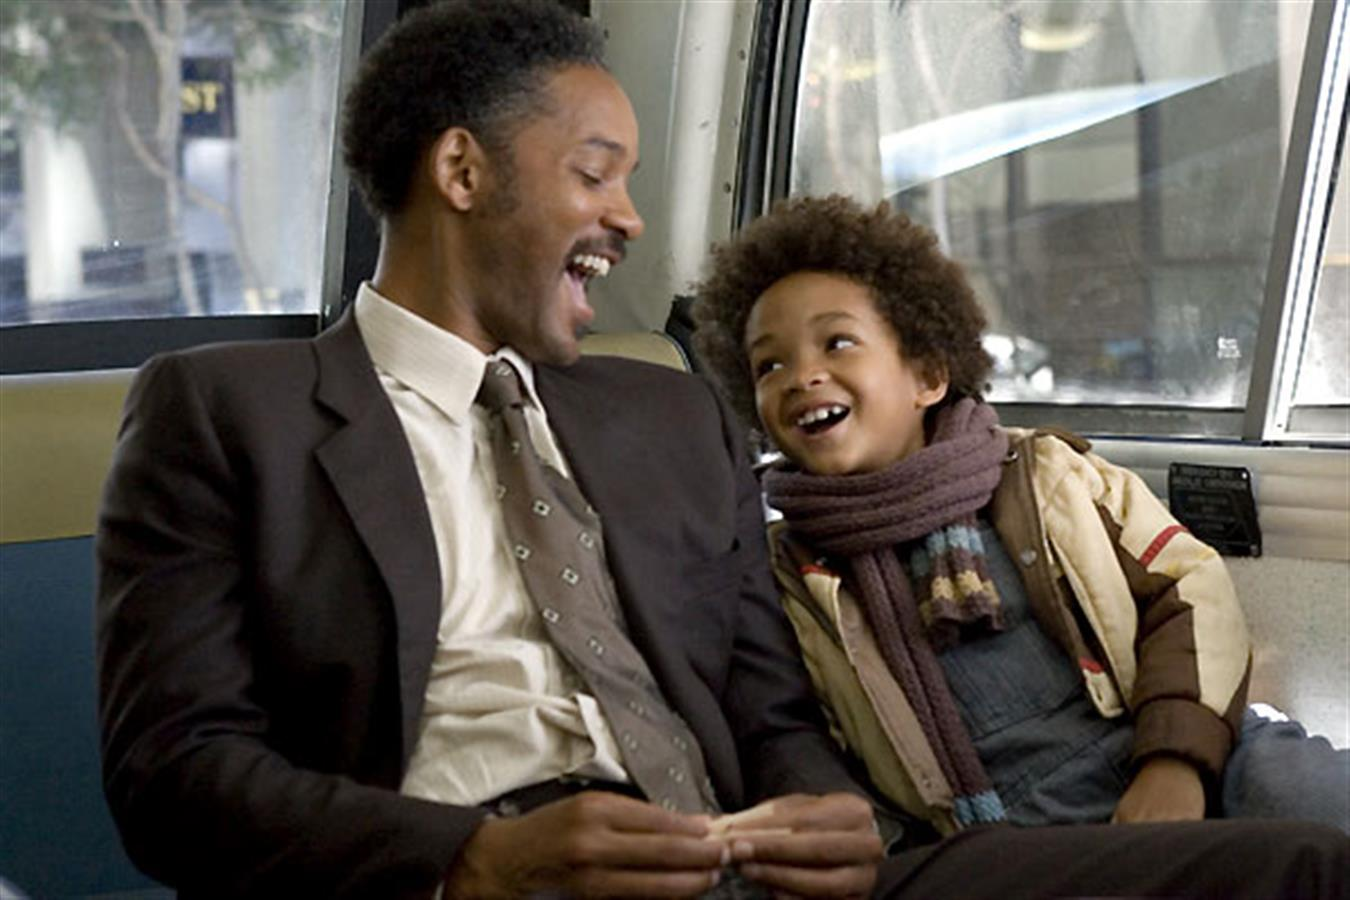 жизнеутверждающие фильмы, позитивное кино, кино со смыслом, вдохновляющие фильмы